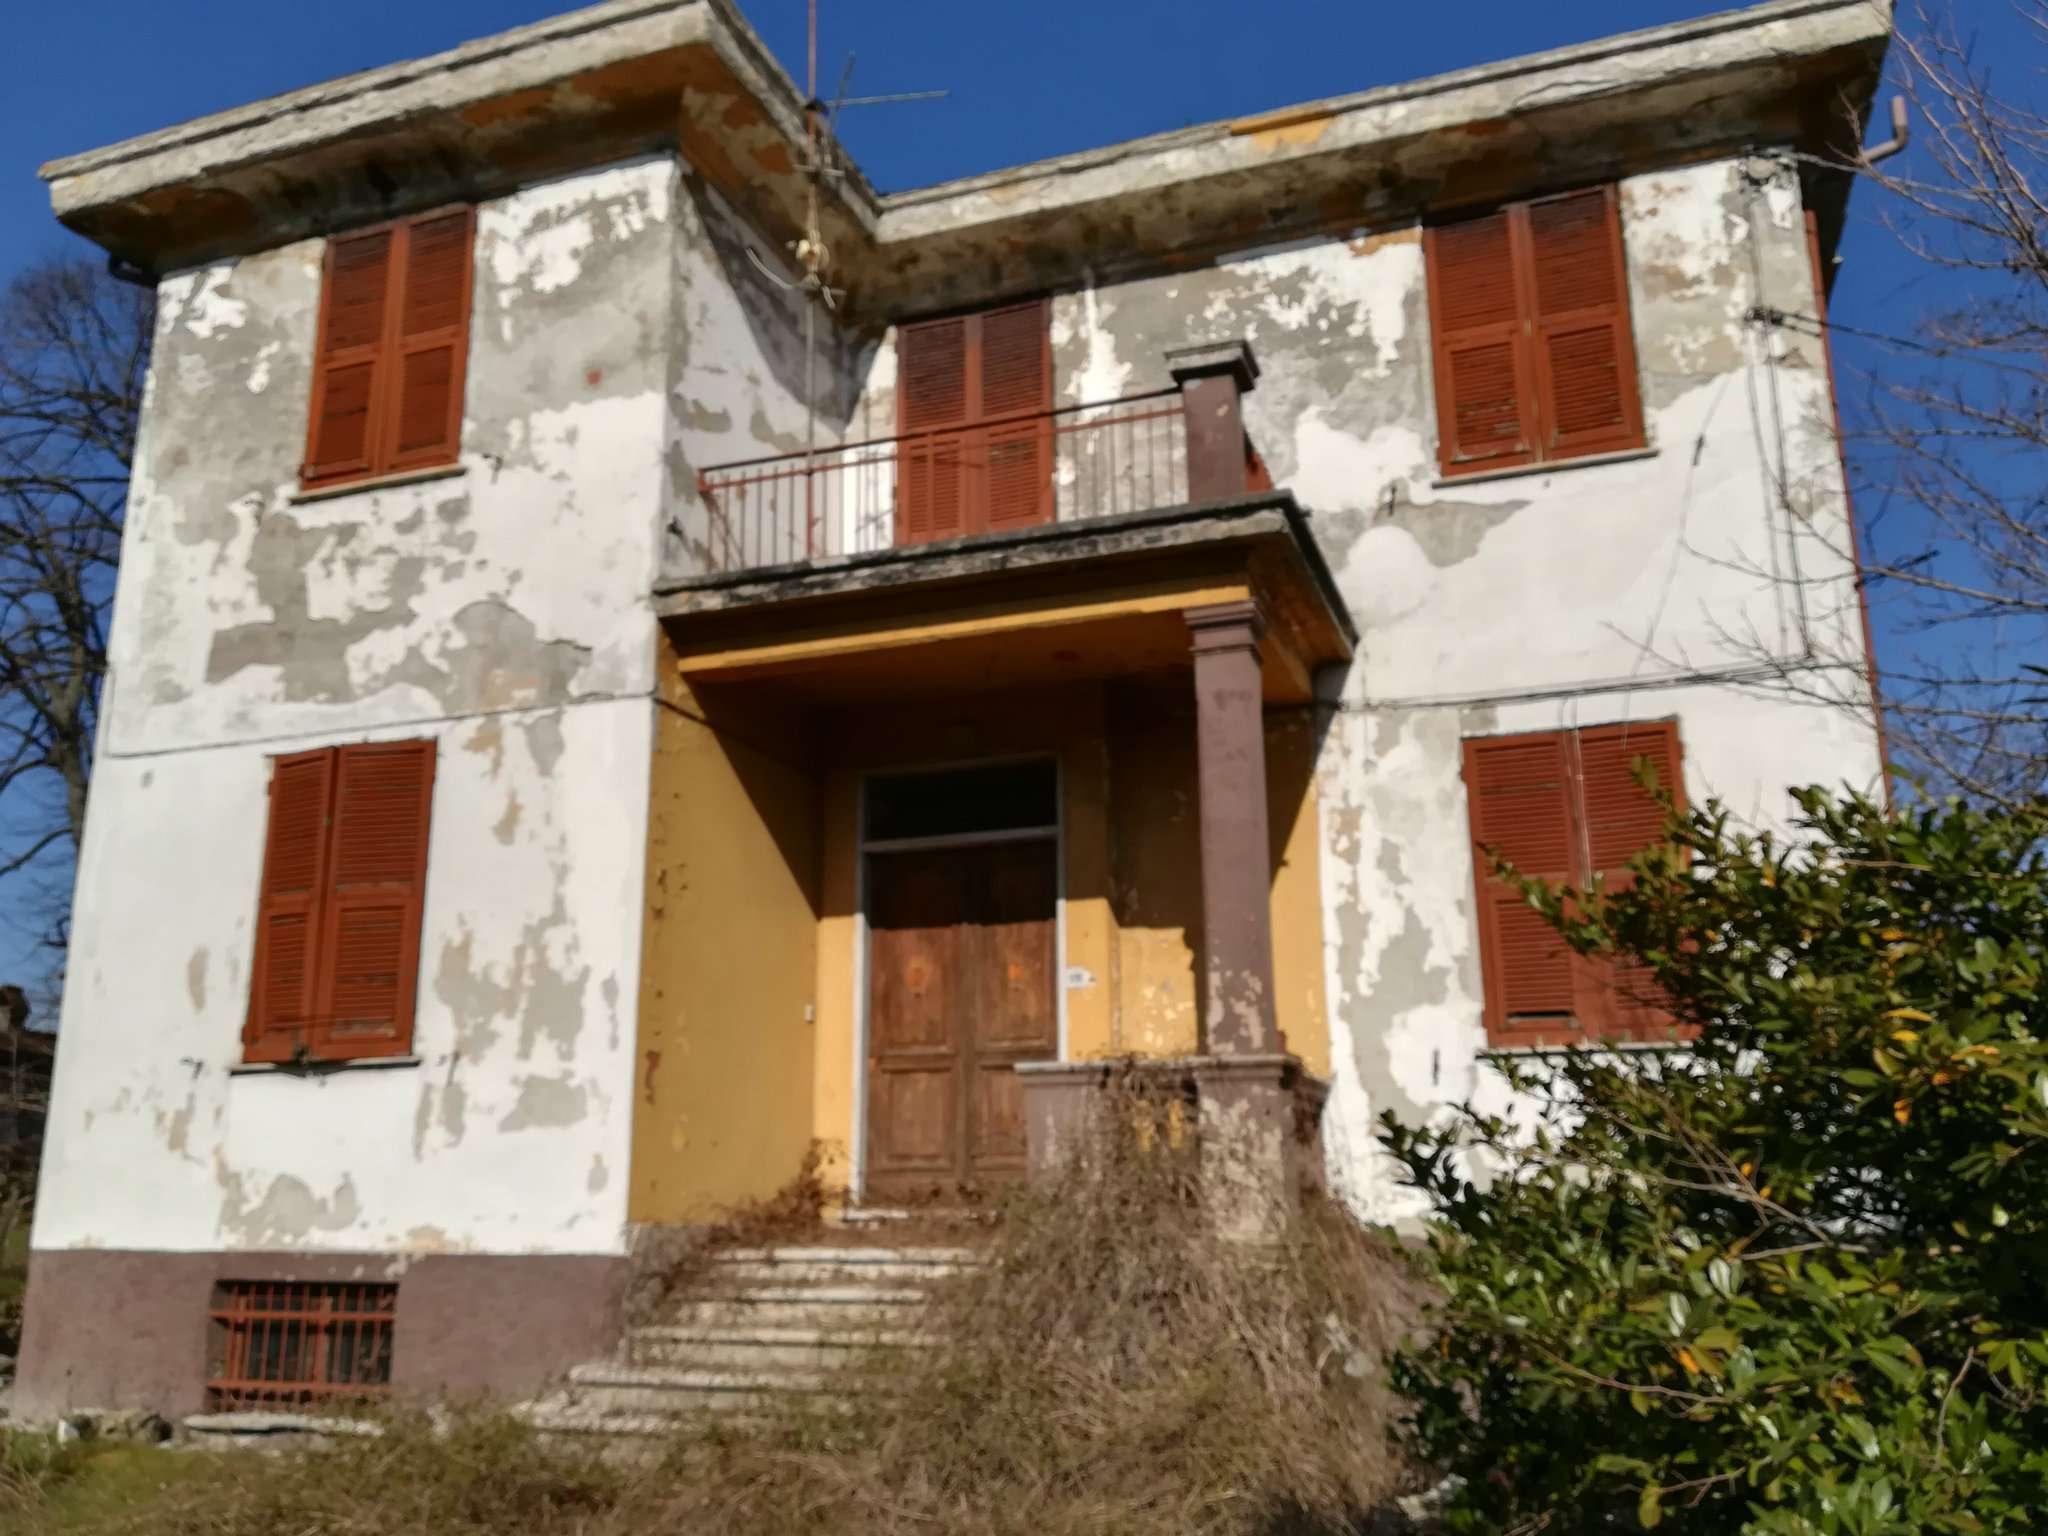 Soluzione Indipendente in vendita a Serravalle Scrivia, 10 locali, prezzo € 148.000 | PortaleAgenzieImmobiliari.it